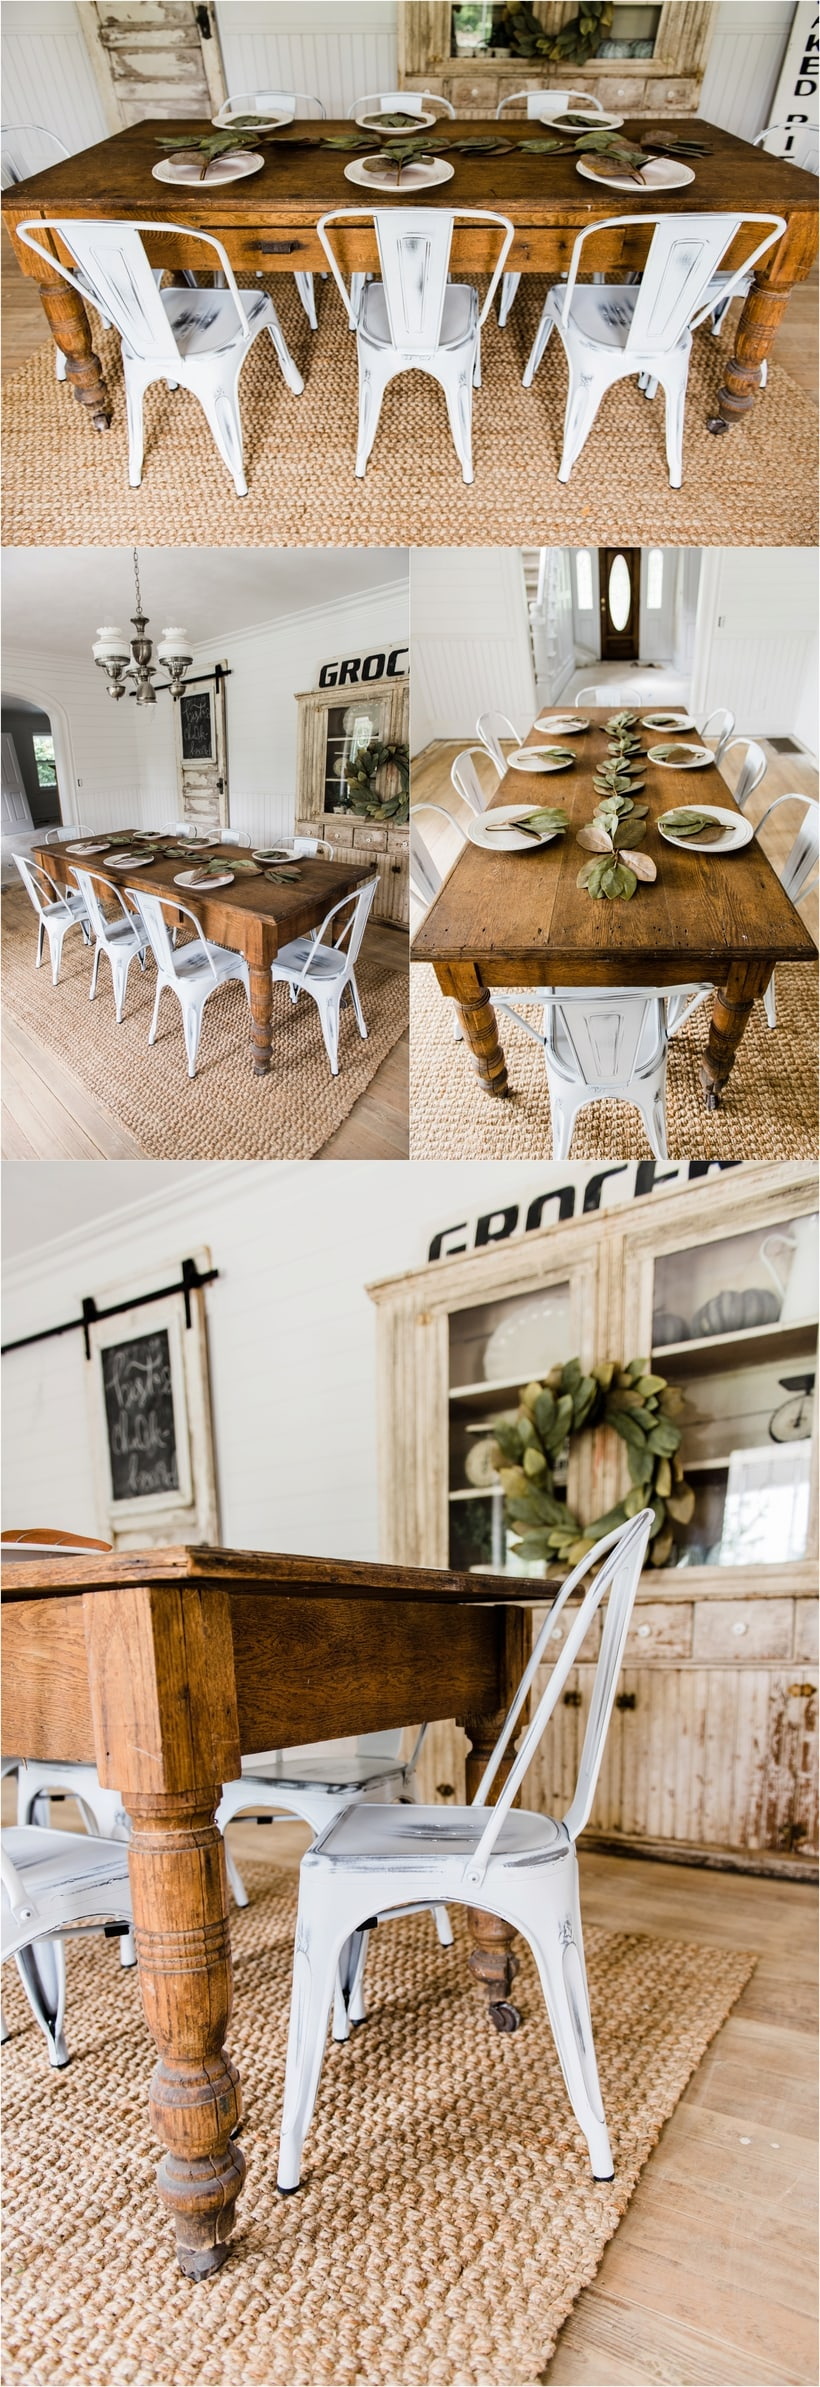 New Farmhouse Dining Chairs - Liz Marie Blog on Farmhouse Dining Room Curtains  id=61703